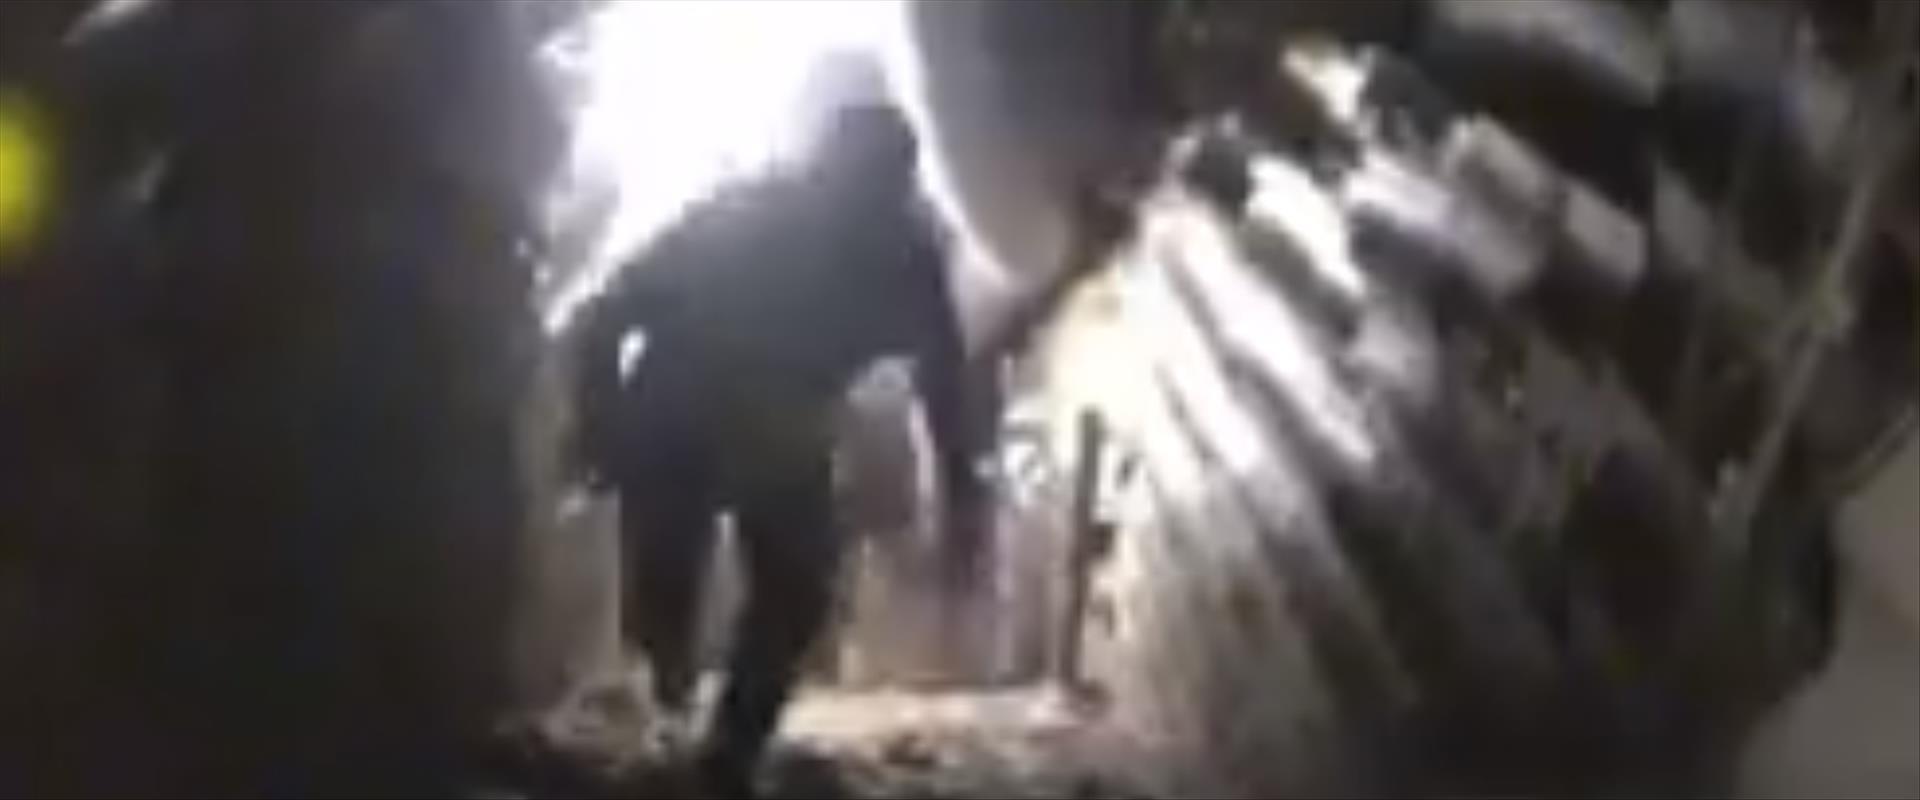 מחבלים בתוך המנהרה שנחשפה בצפון